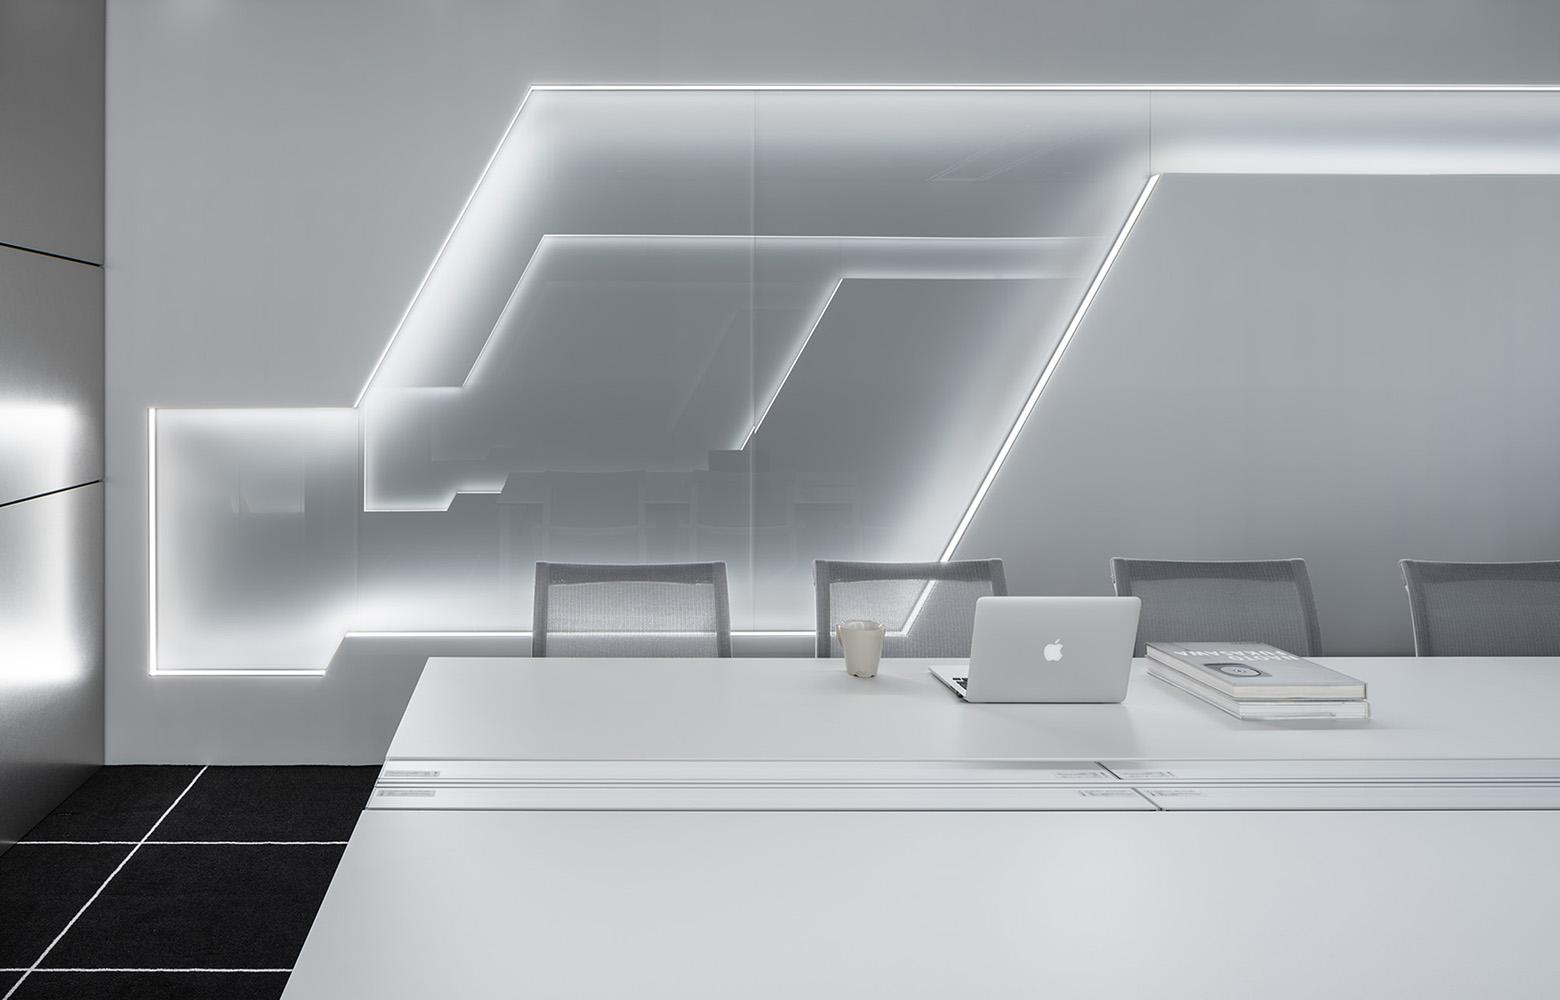 株式会社NTTデータMSE Shinagawa Office Reception Room_2 デザイン・レイアウト事例